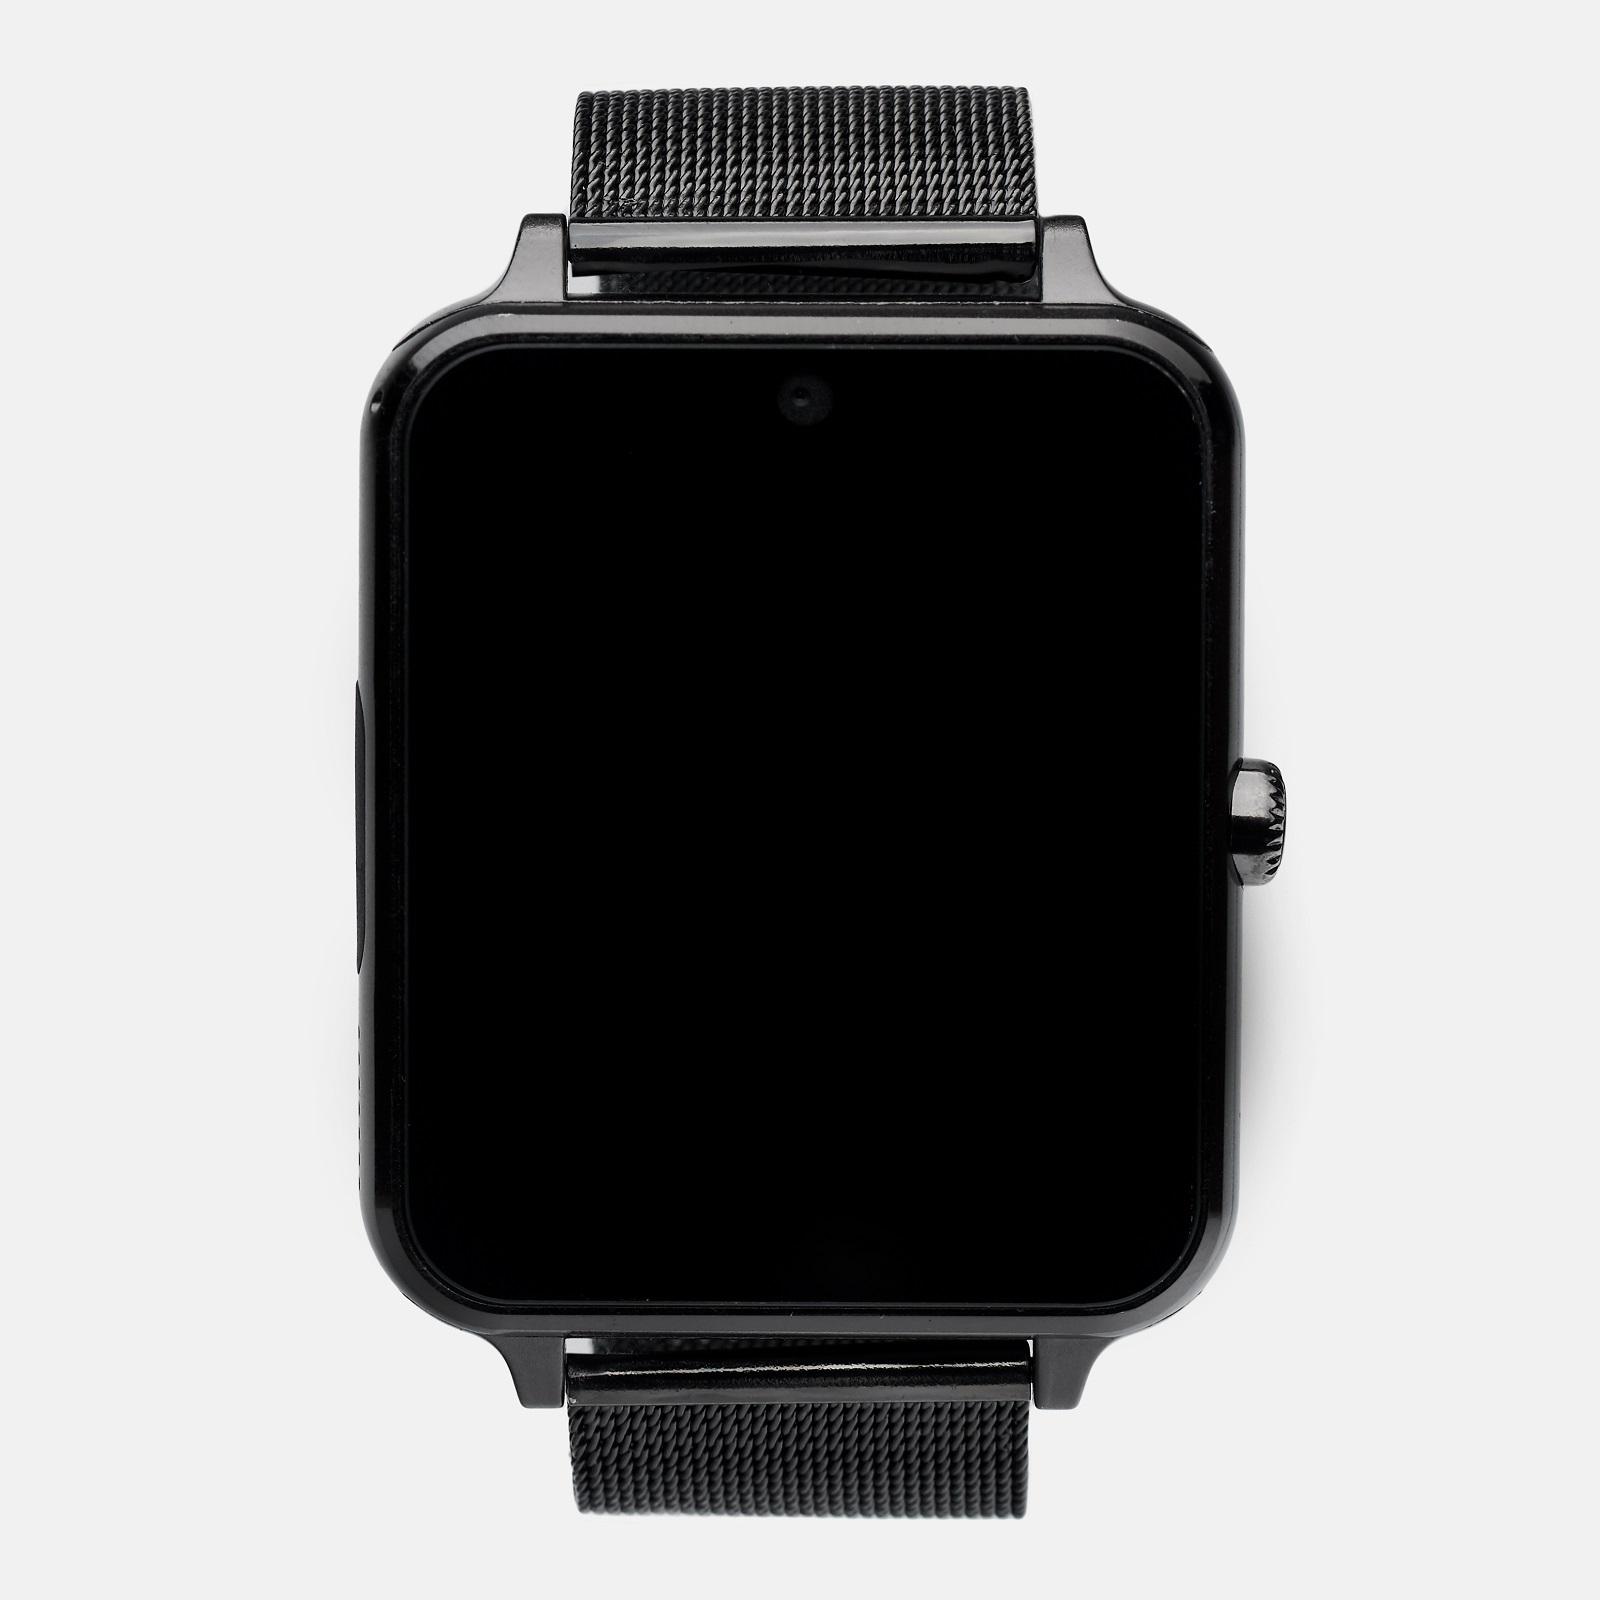 Умные часы Uwatch Z60 Black